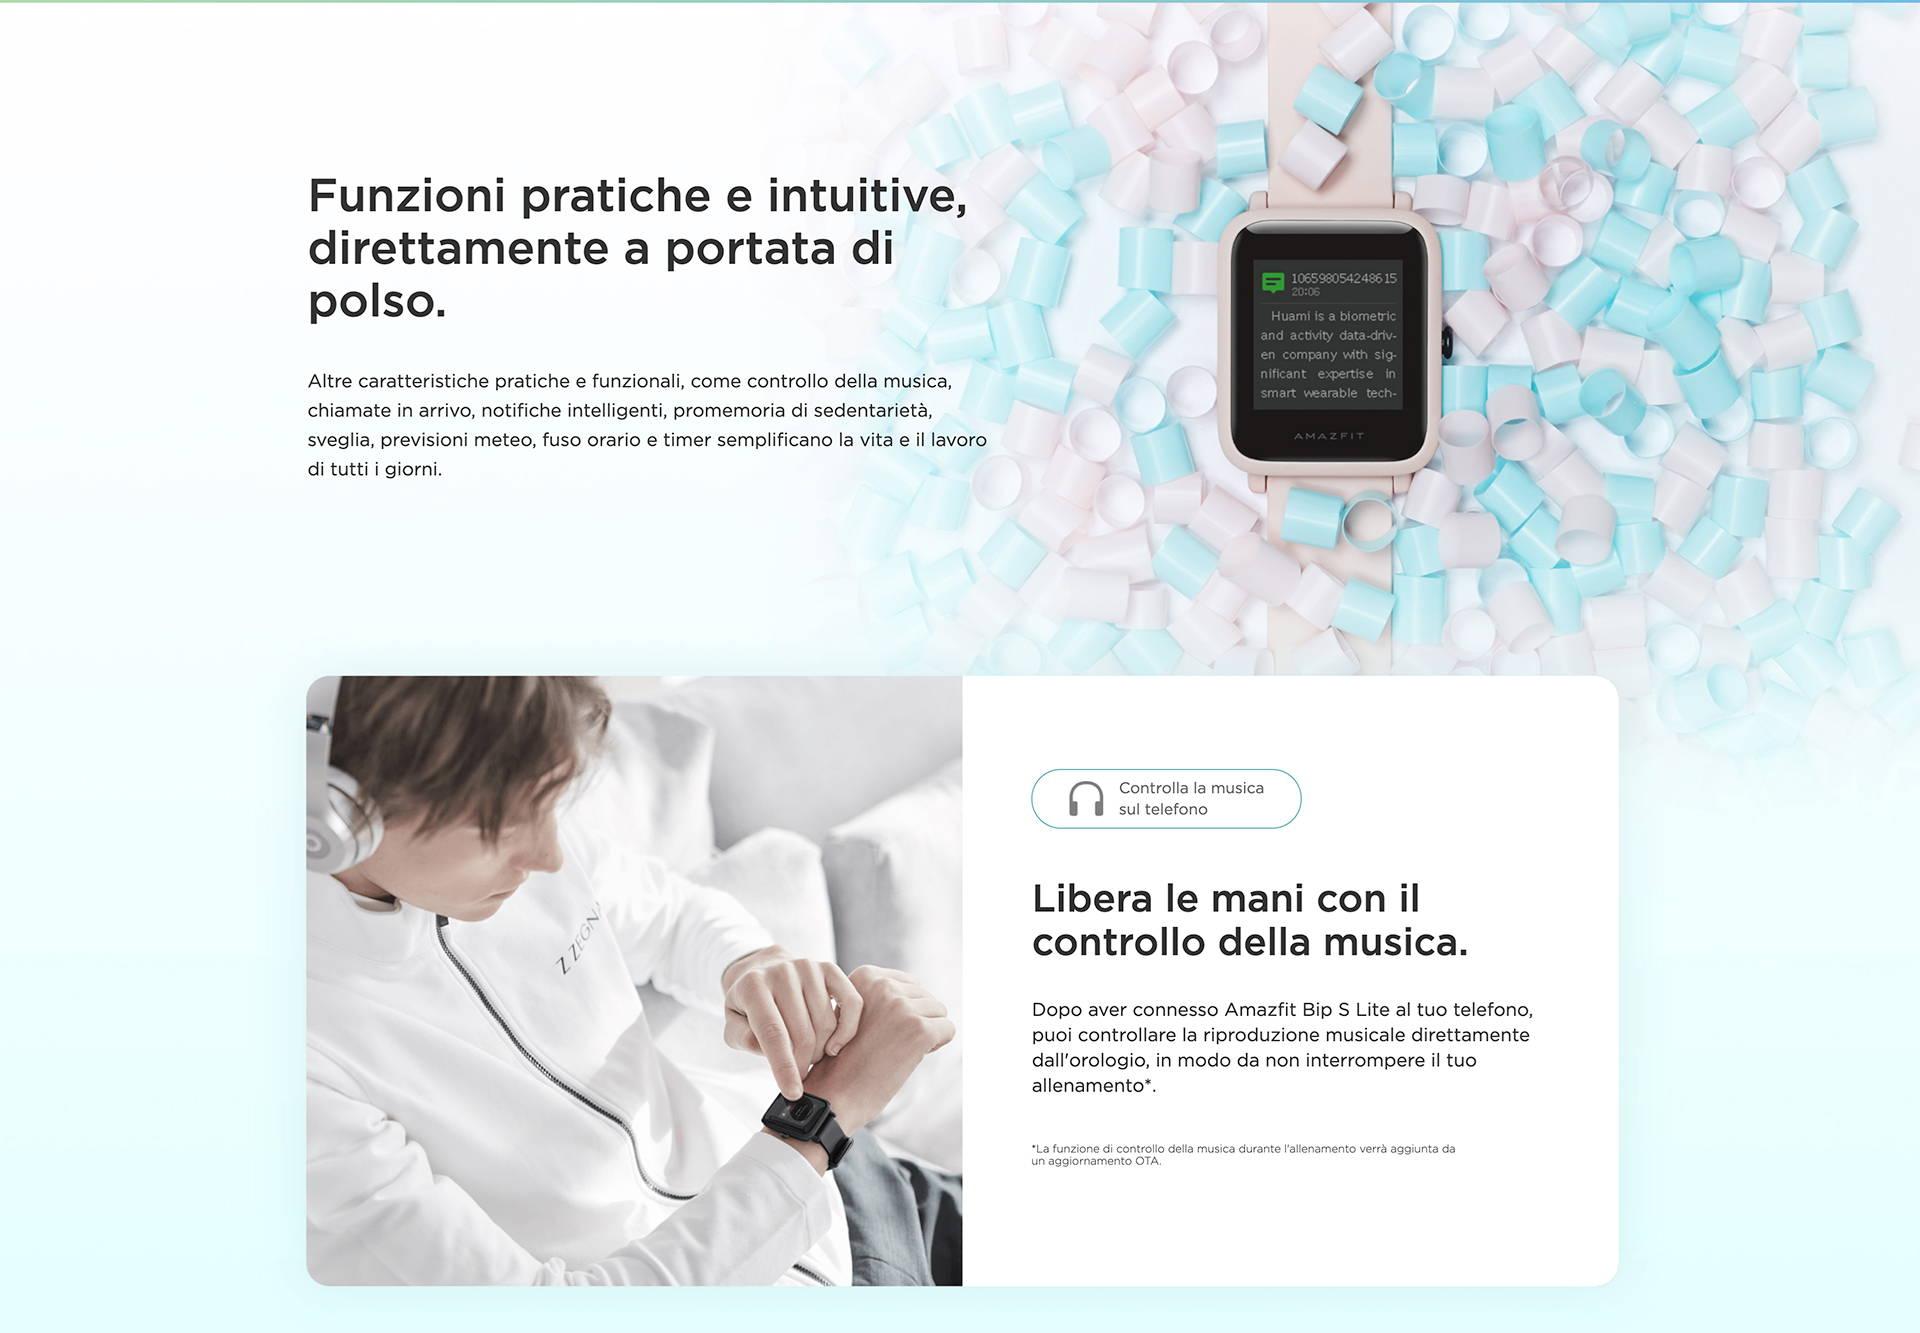 Amazfit IT - Amazfit Bip S Lite - Funzioni pratiche e intuitive, direttamente a portata di polso. | Libera le mani con il controllo della musica.